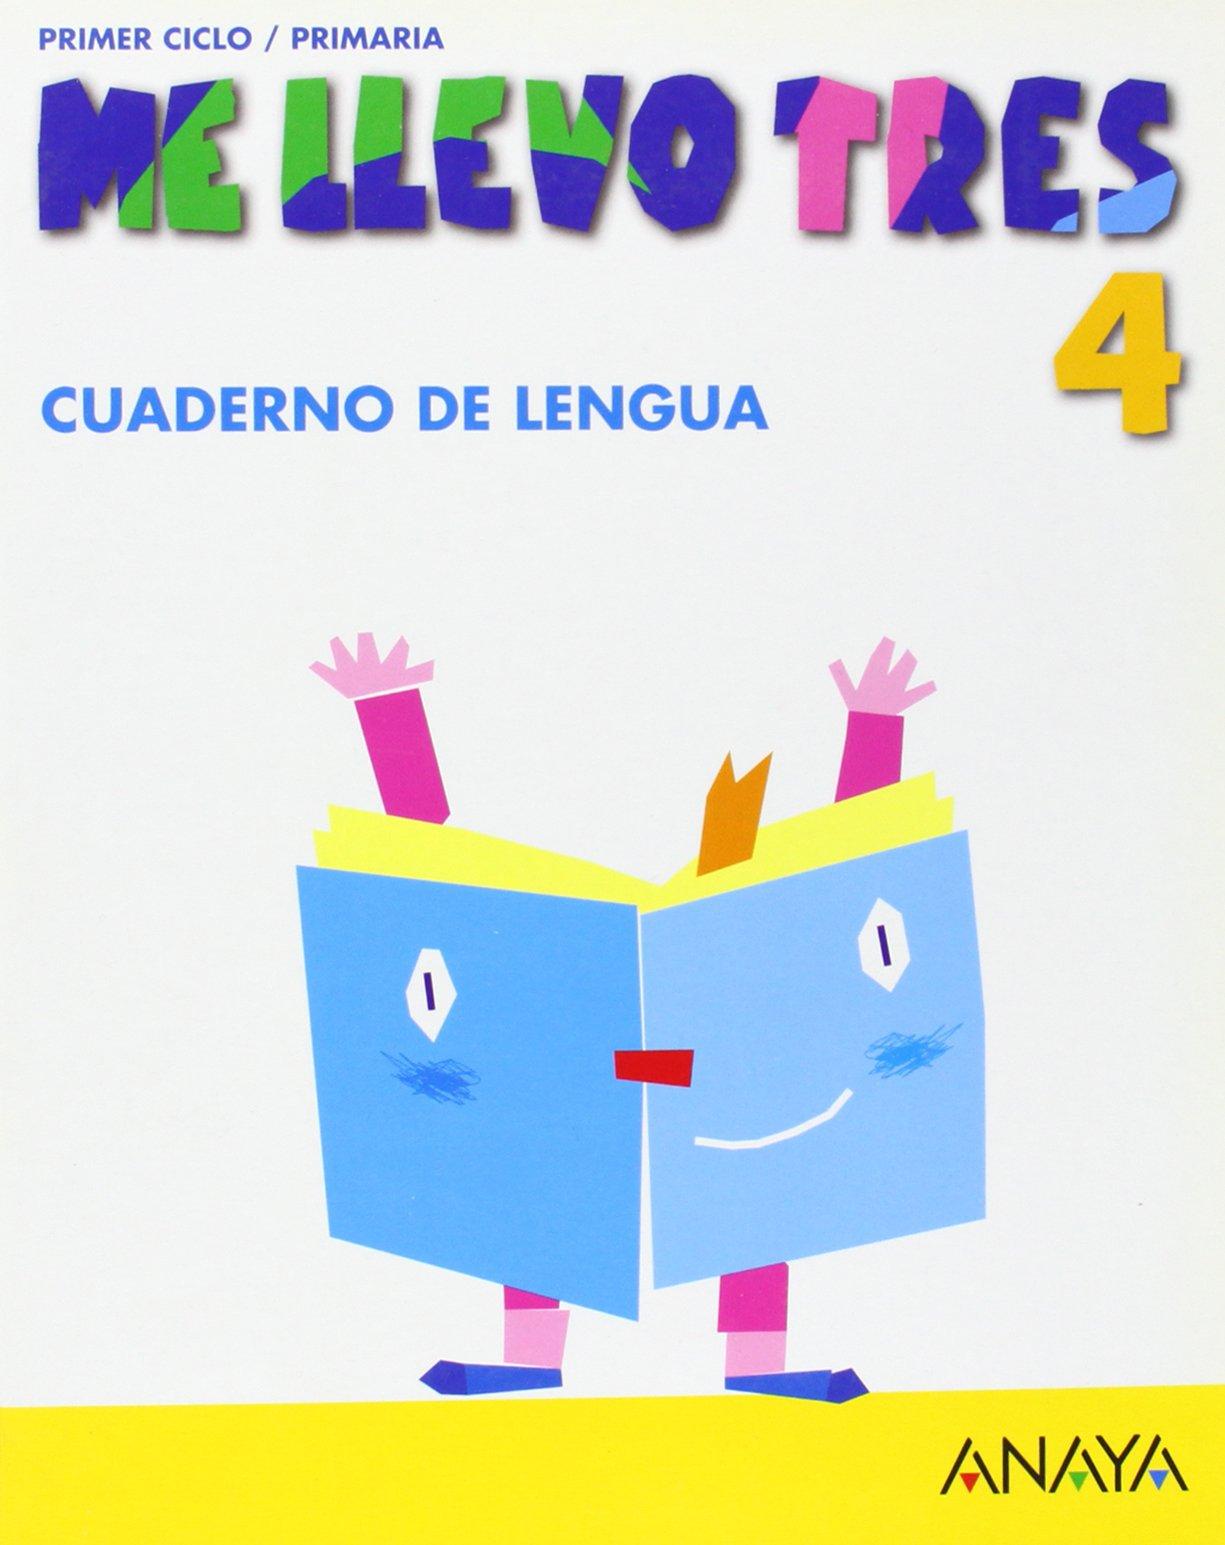 Cuaderno de Lengua 4: María de los Ángeles; Sáenz de Urturi Montemayor, María José González Soler: 9788466756037: Amazon.com: Books